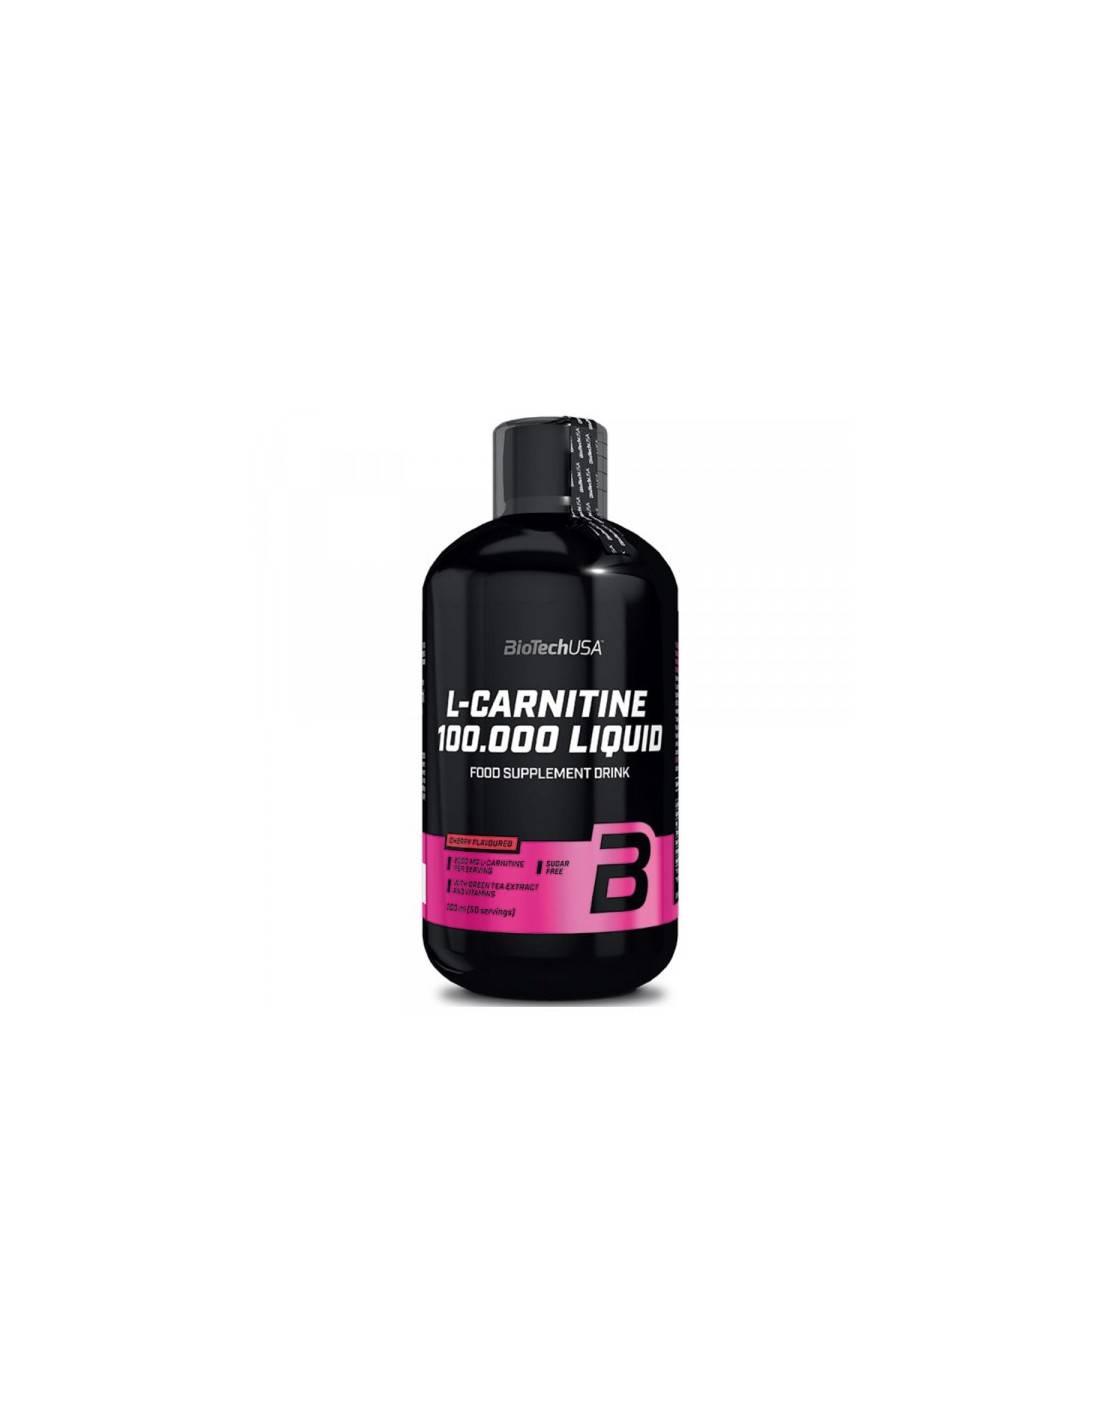 L-carnitine liquid от biotech usa: как принимать, состав и отзывы